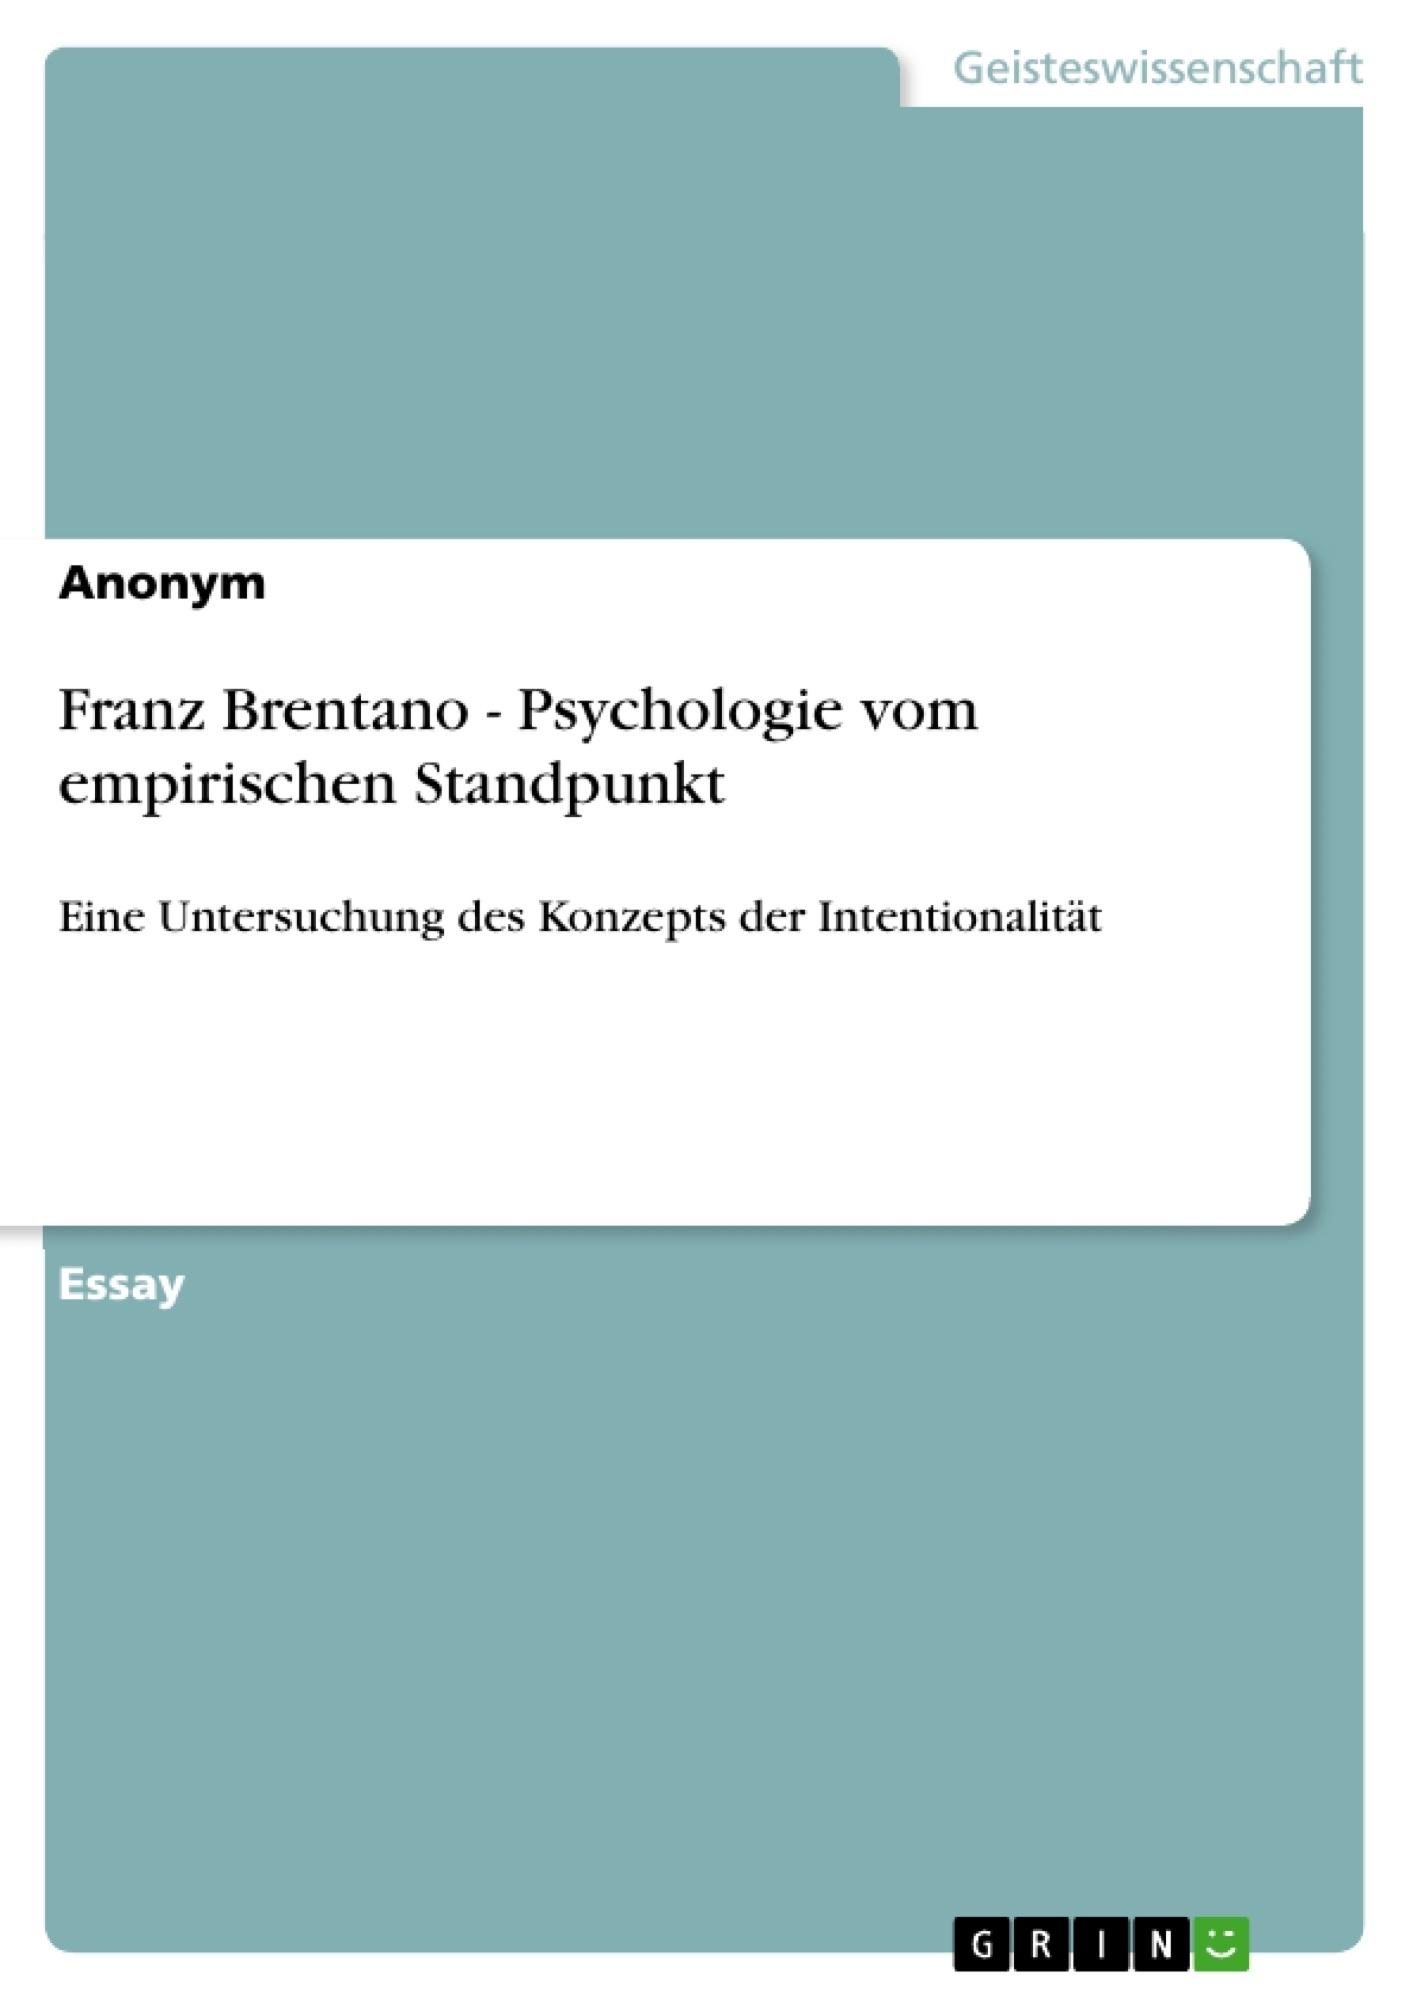 Titel: Franz Brentano - Psychologie vom empirischen Standpunkt